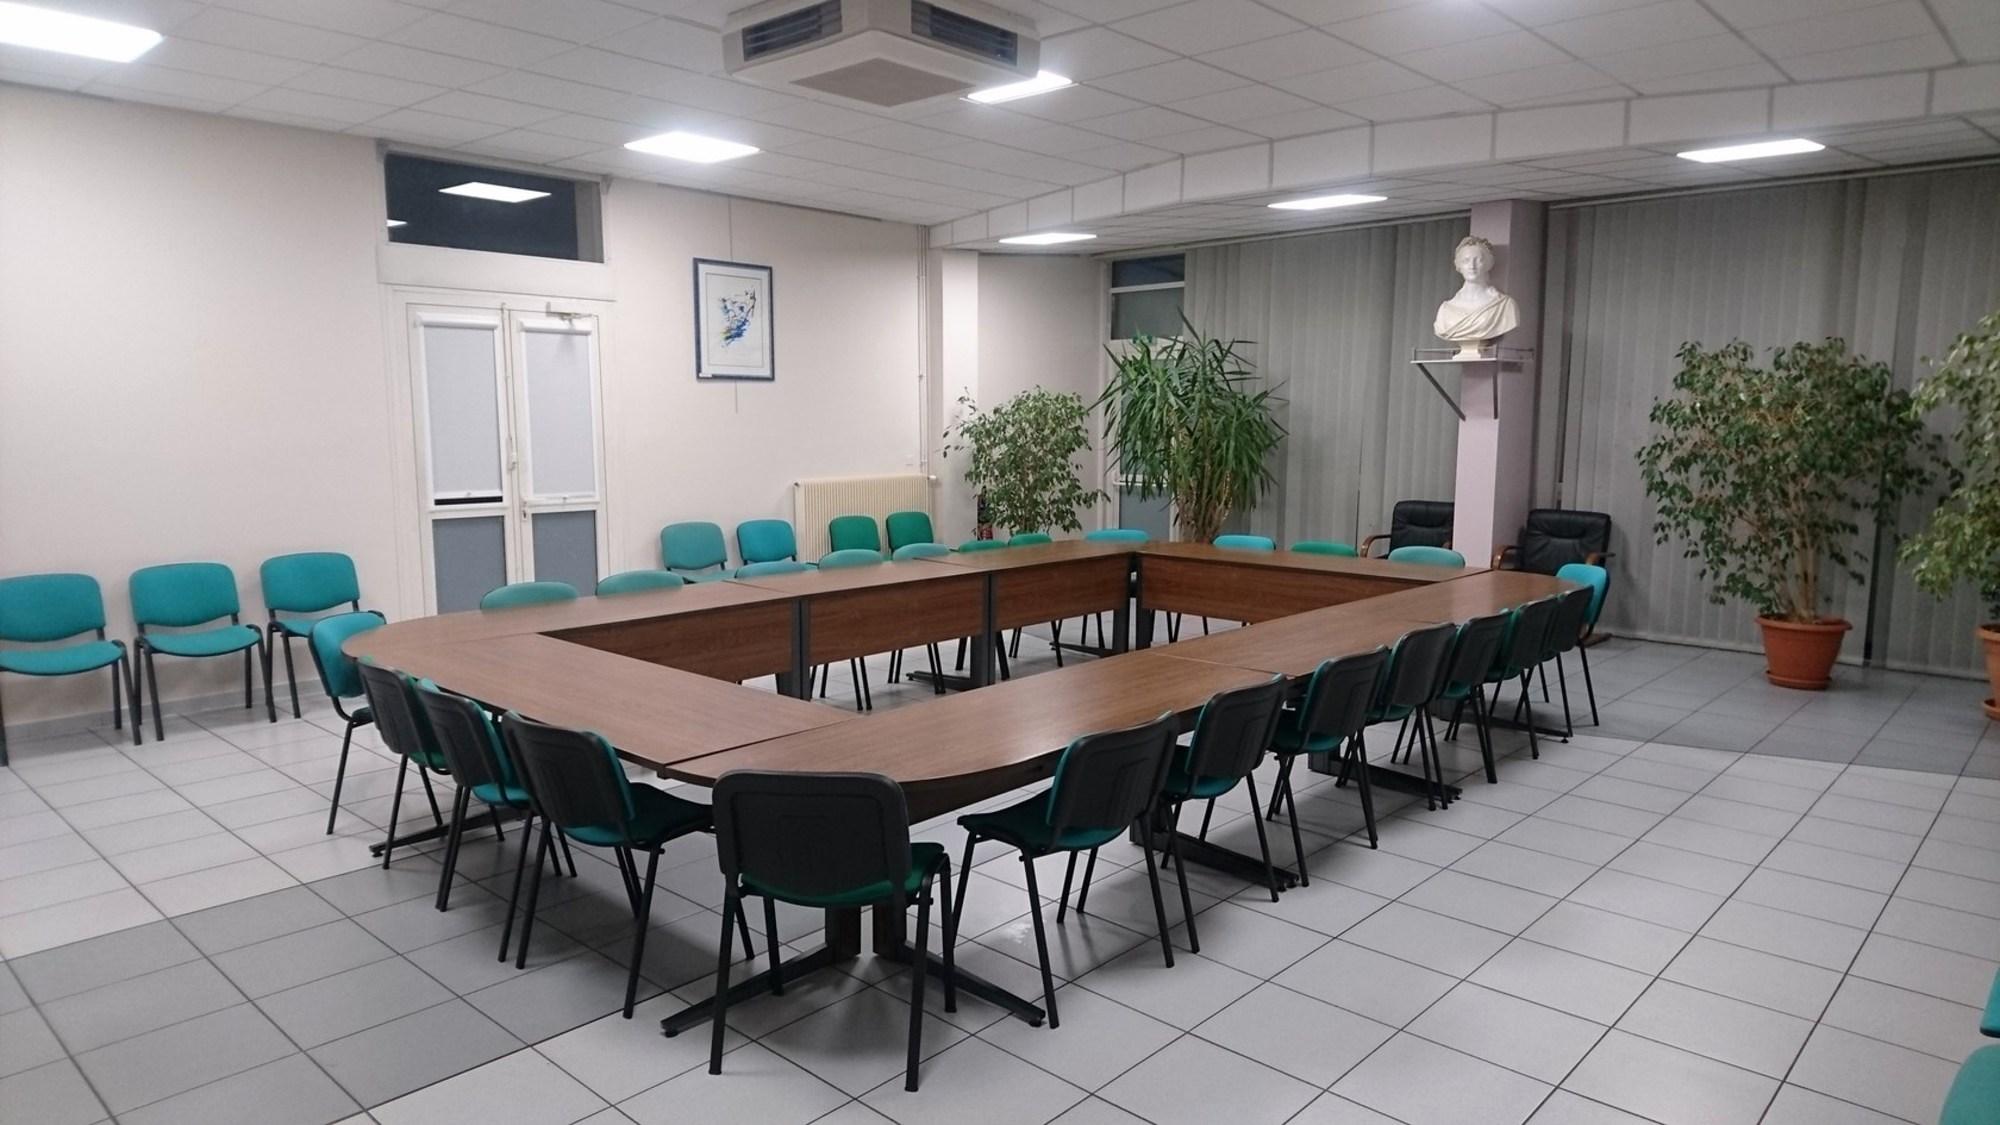 lot de mobilier salle de r union table d 39 occasion aux ench res agorastore. Black Bedroom Furniture Sets. Home Design Ideas